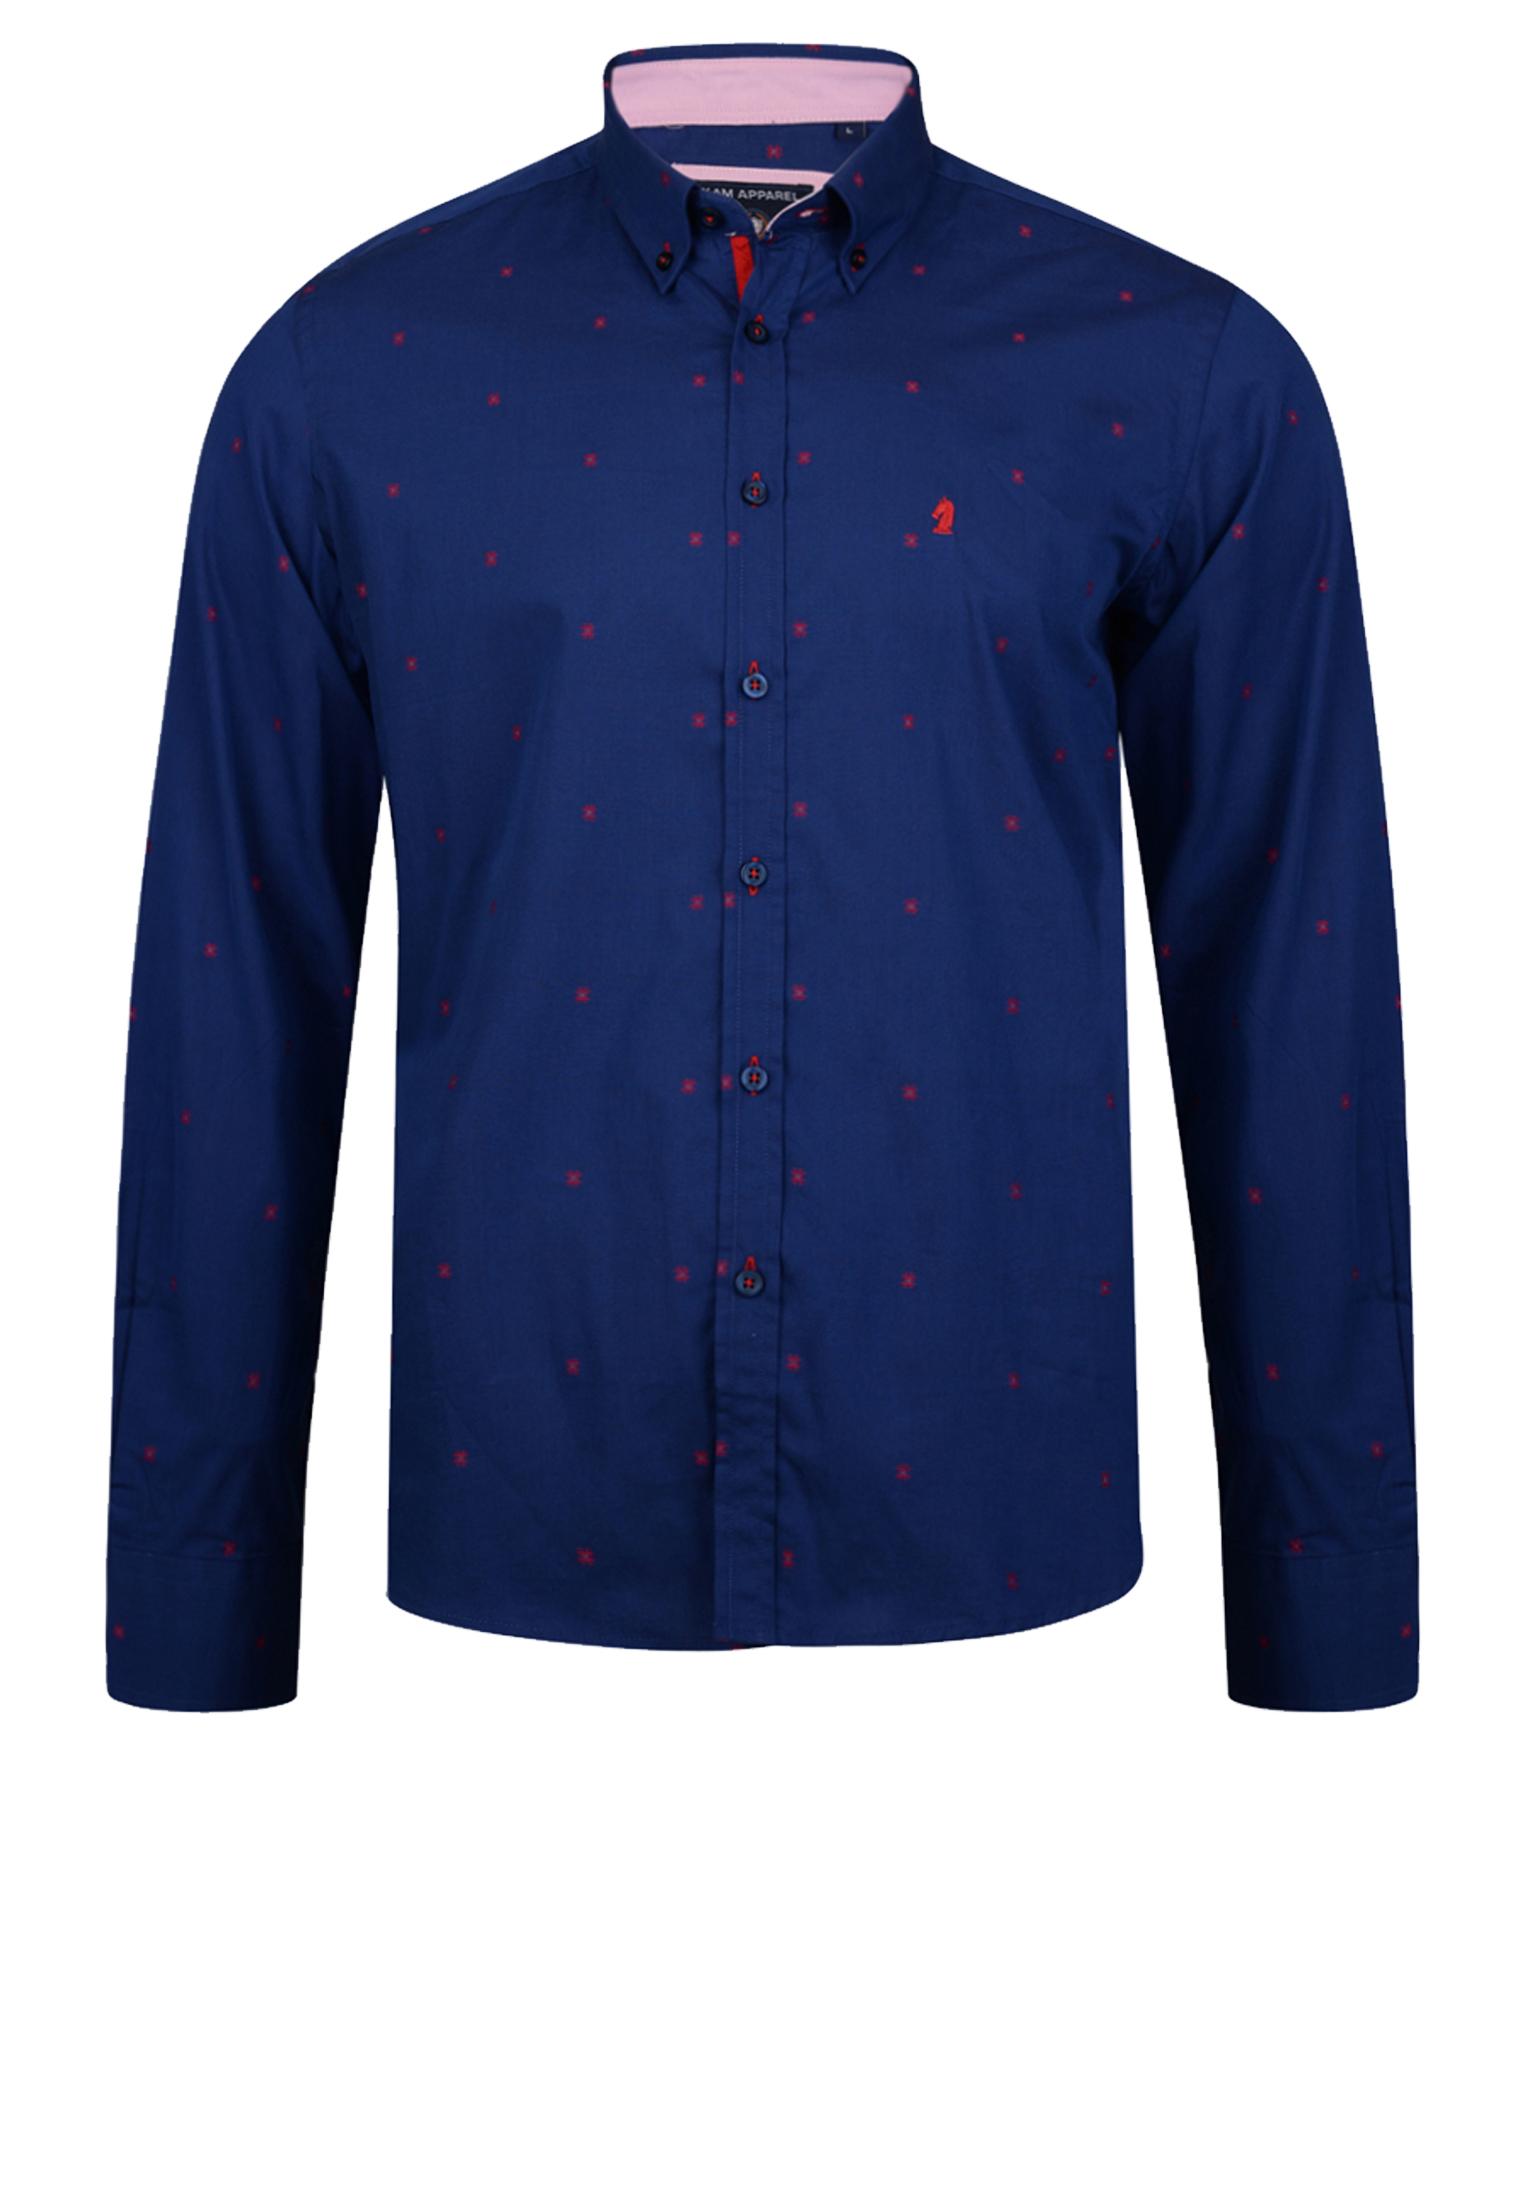 Overhemd van KAM JEANSWEAR met button down kraag, met open zakje op de linker borst, contrasterende stof aan de kraag en contrasterende knopen. In de kleur donker blauw met een rood printje in de stof geweven. Het overhemd is rond afgezoomd.